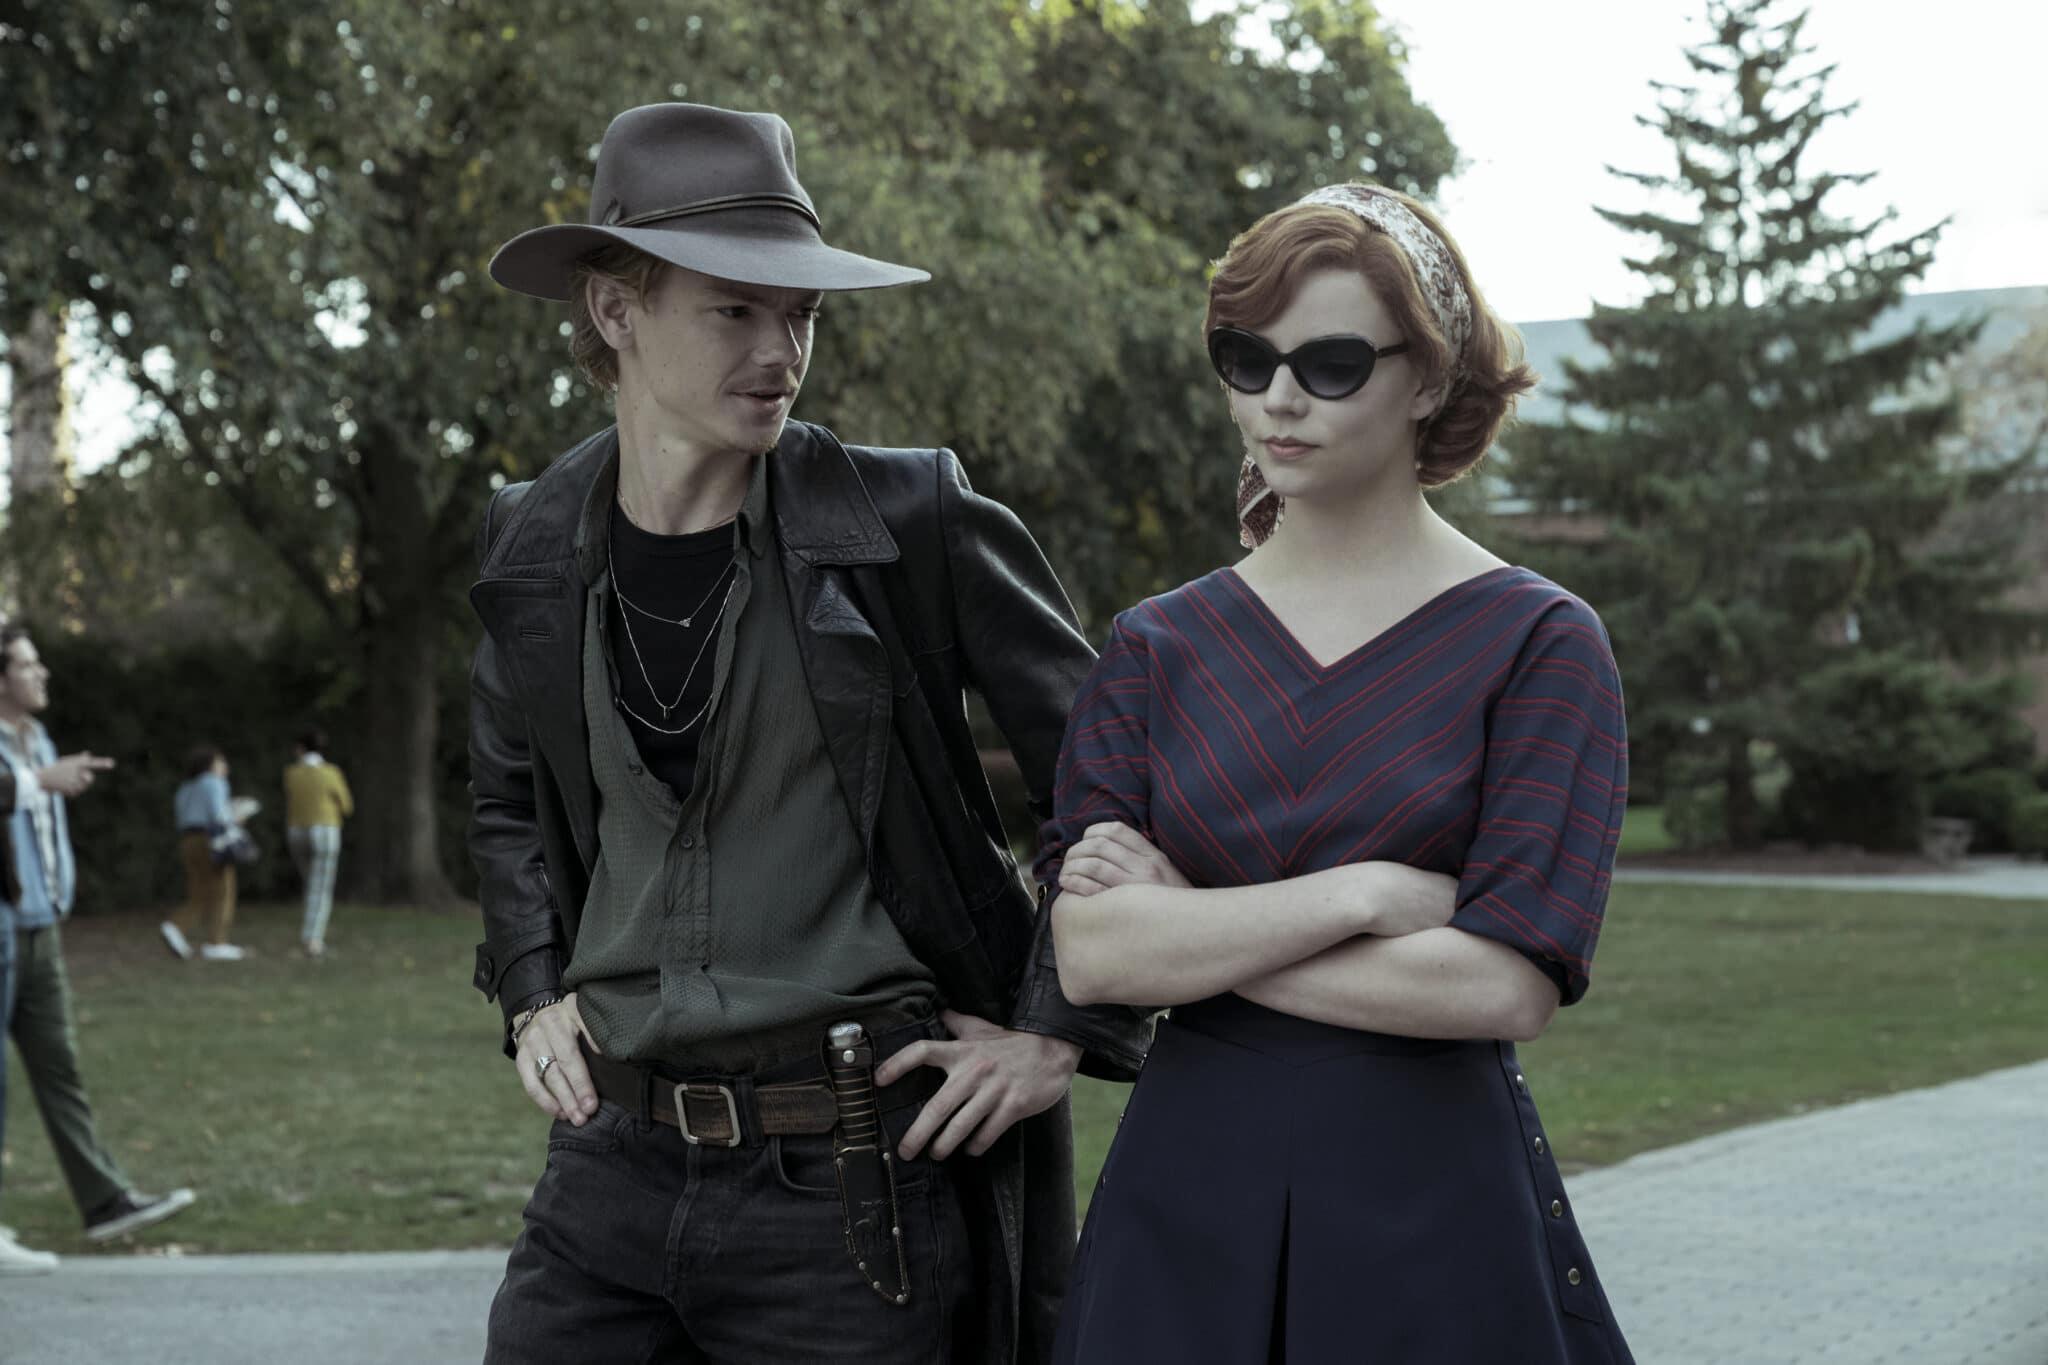 Benny (Thomas Brodie-Sangster) und Beth (Anya Taylor-Joy) spazieren durch einen Garten. Er trägt einen Hut und ein dunkles Outfit und blickt in ihre Richtung. Sie verschränkt die Arme. Außerdem ist sie in ein blau-rotes Kleid gekleidet und hat eine Sonnenbrille auf.